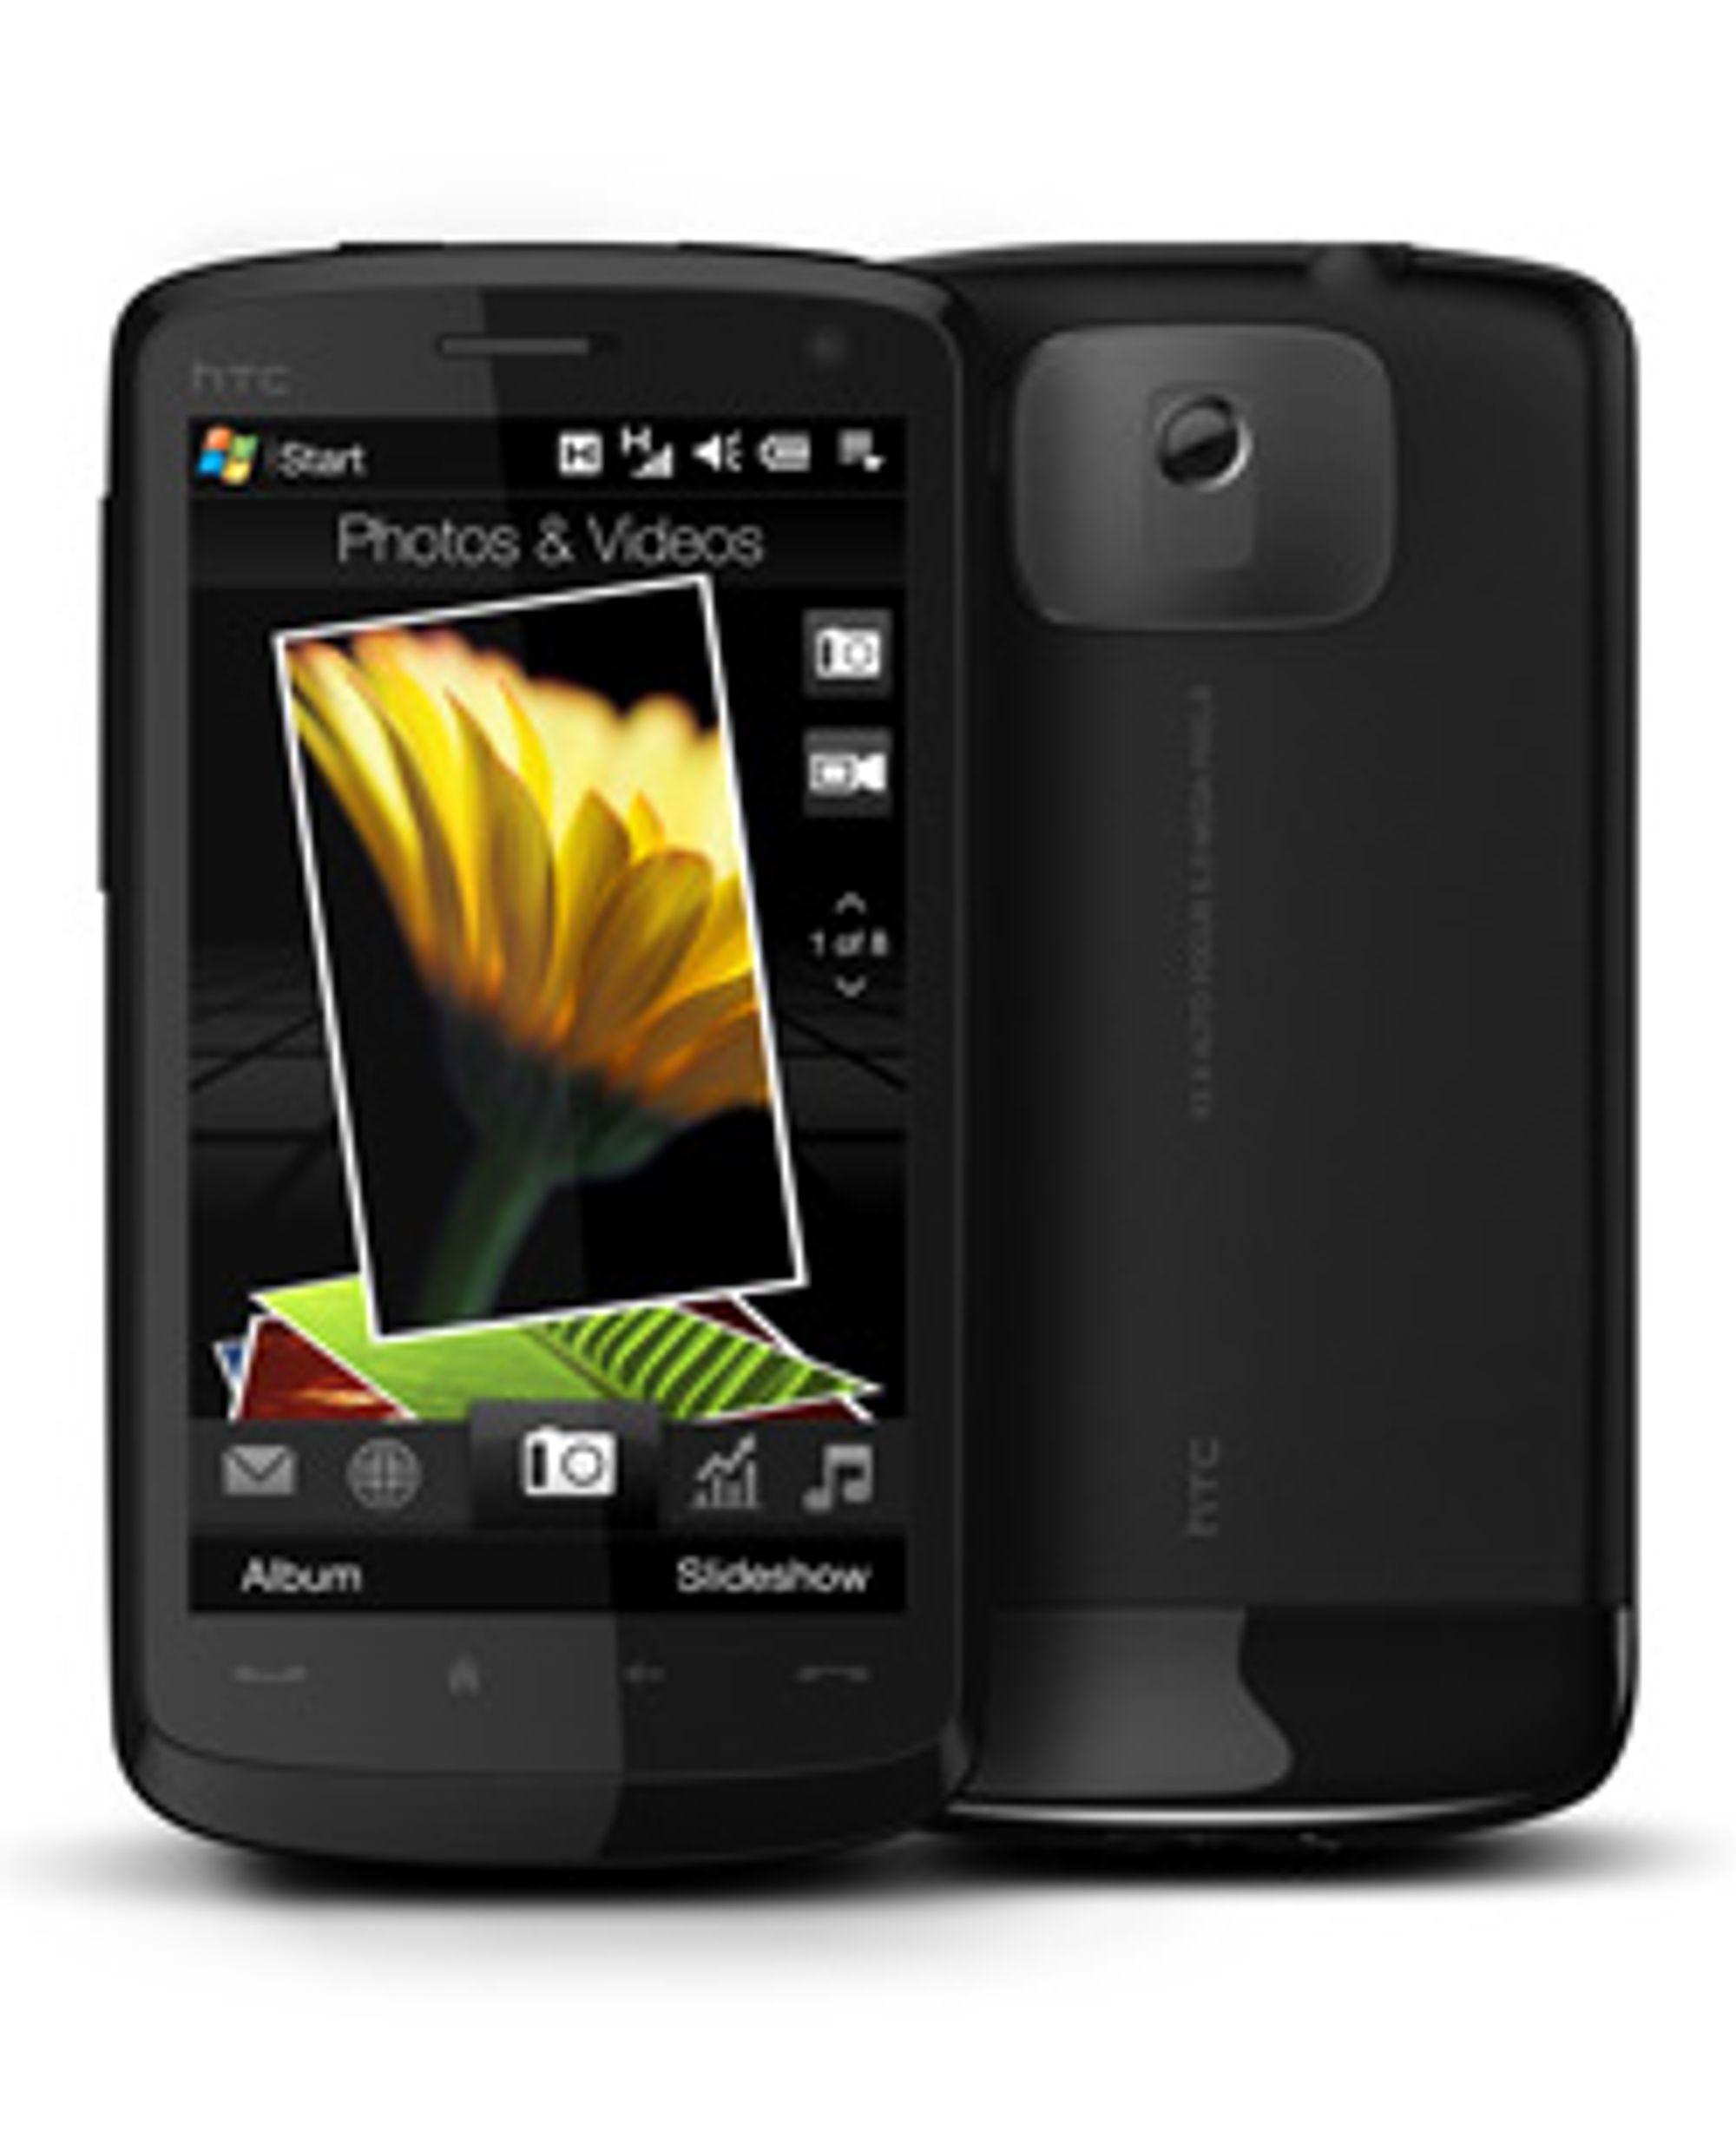 HTC har ingen planer om å selge programvare. (Foto: HTC)